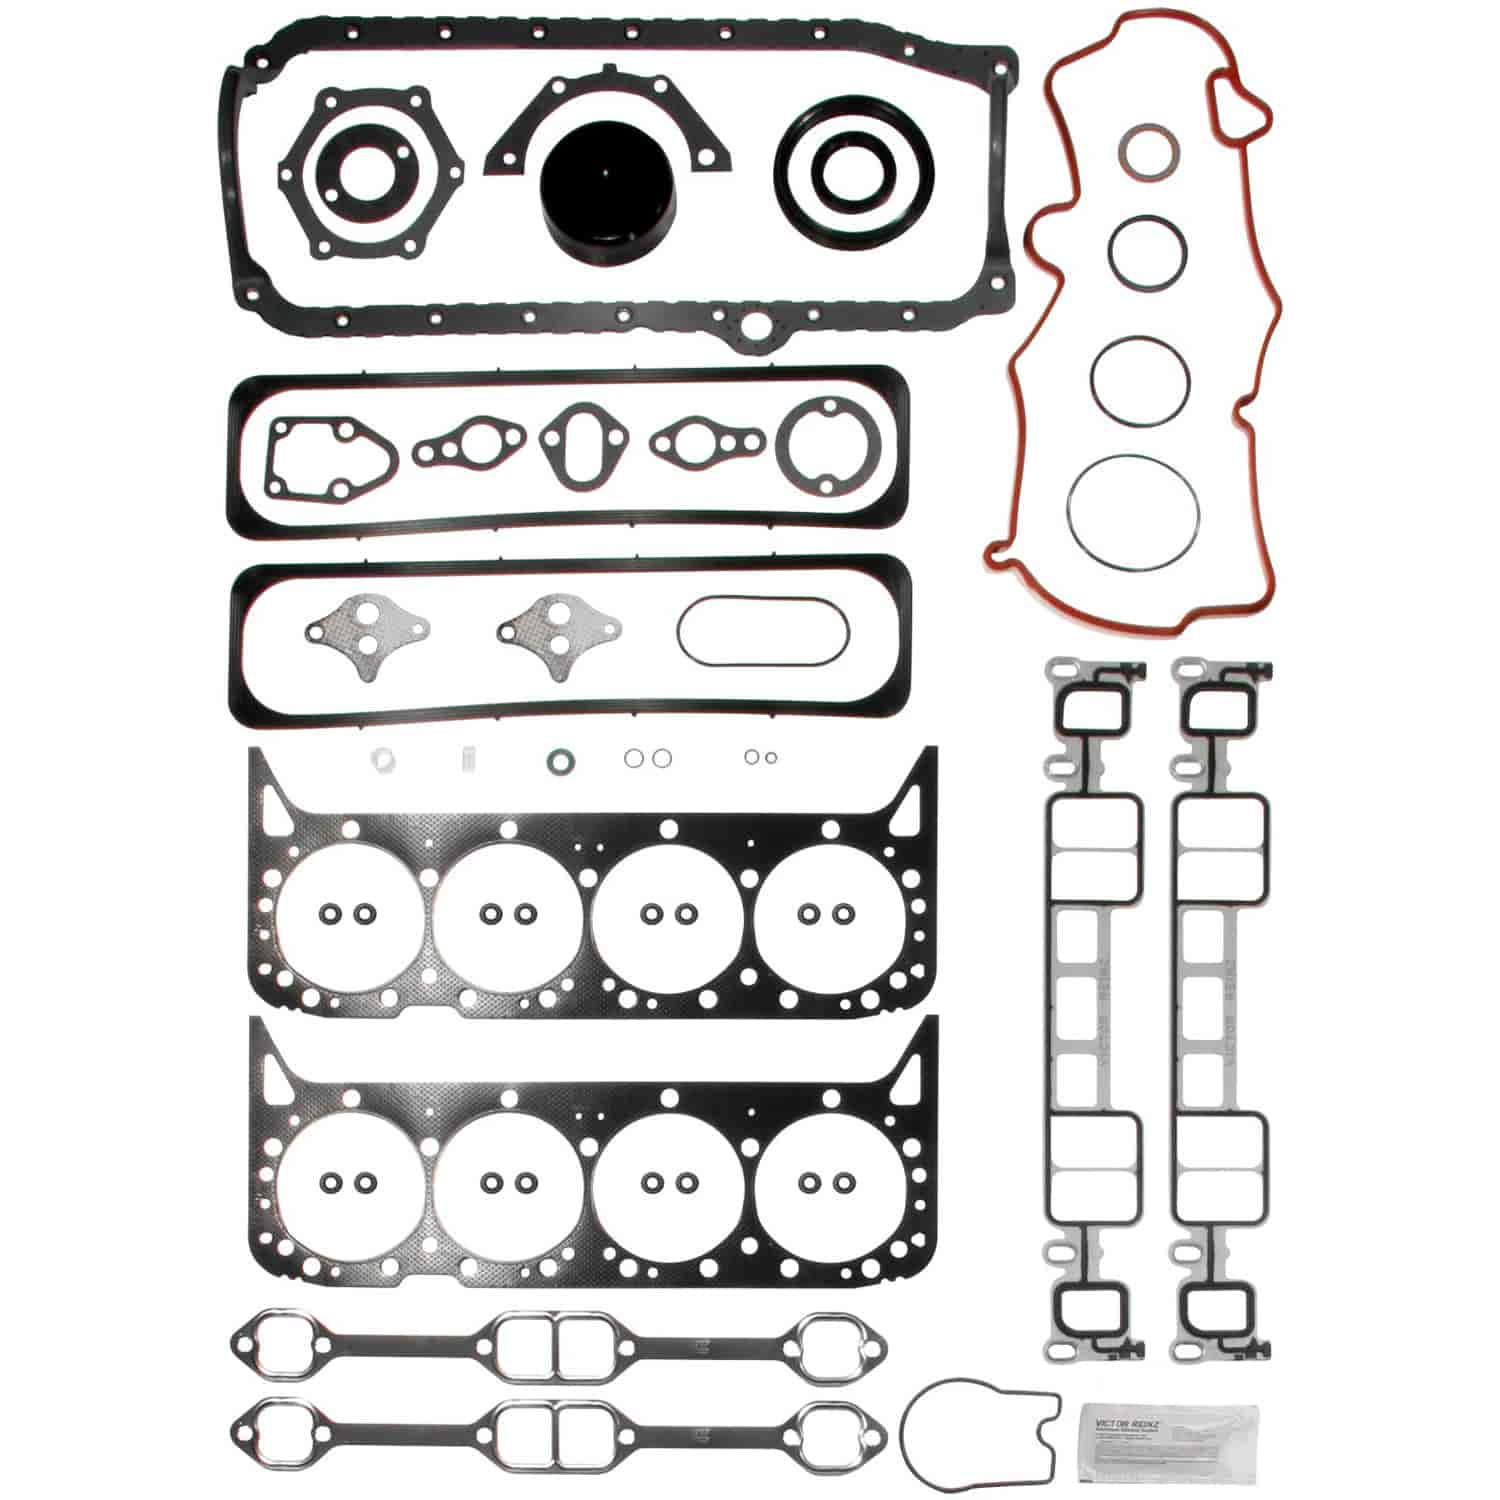 Clevite Mahle Engine Kit Gasket Set Small Block Chevy Vortec 350ci 5 7l